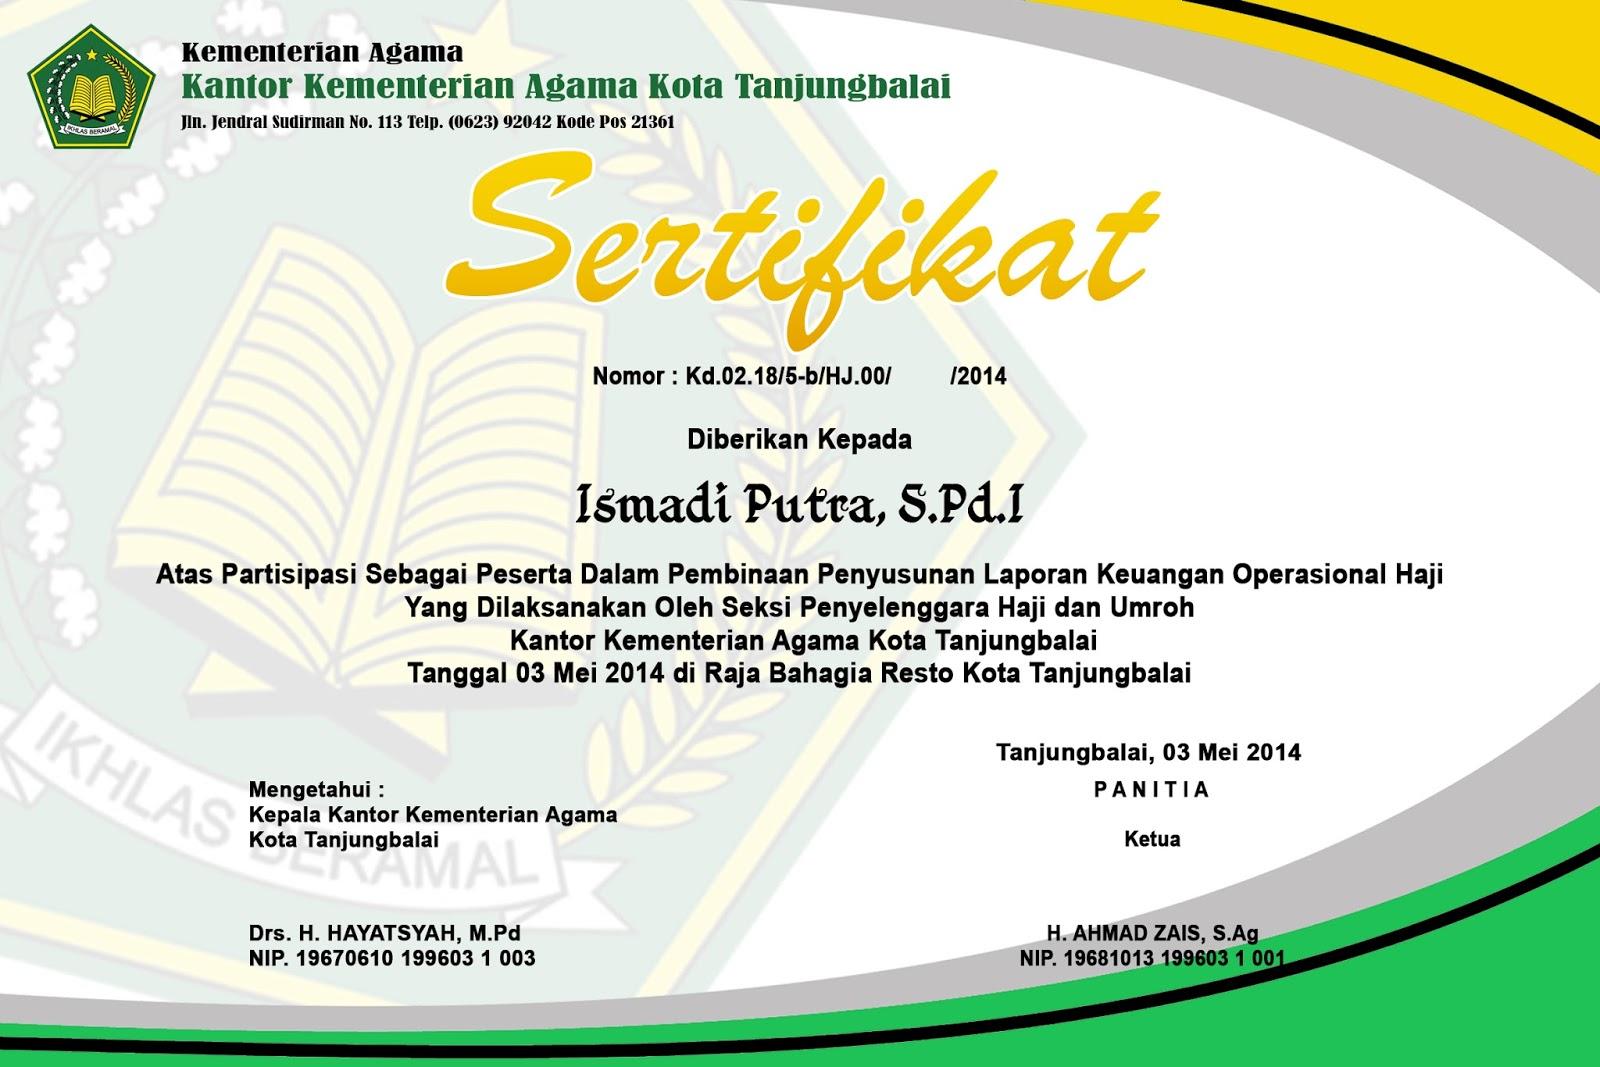 Latihan Soal Bahasa Indonesia Kelas X Smk Contoh Latihan Soal Sd Kelas 6 The Pelajaran Soal Soal